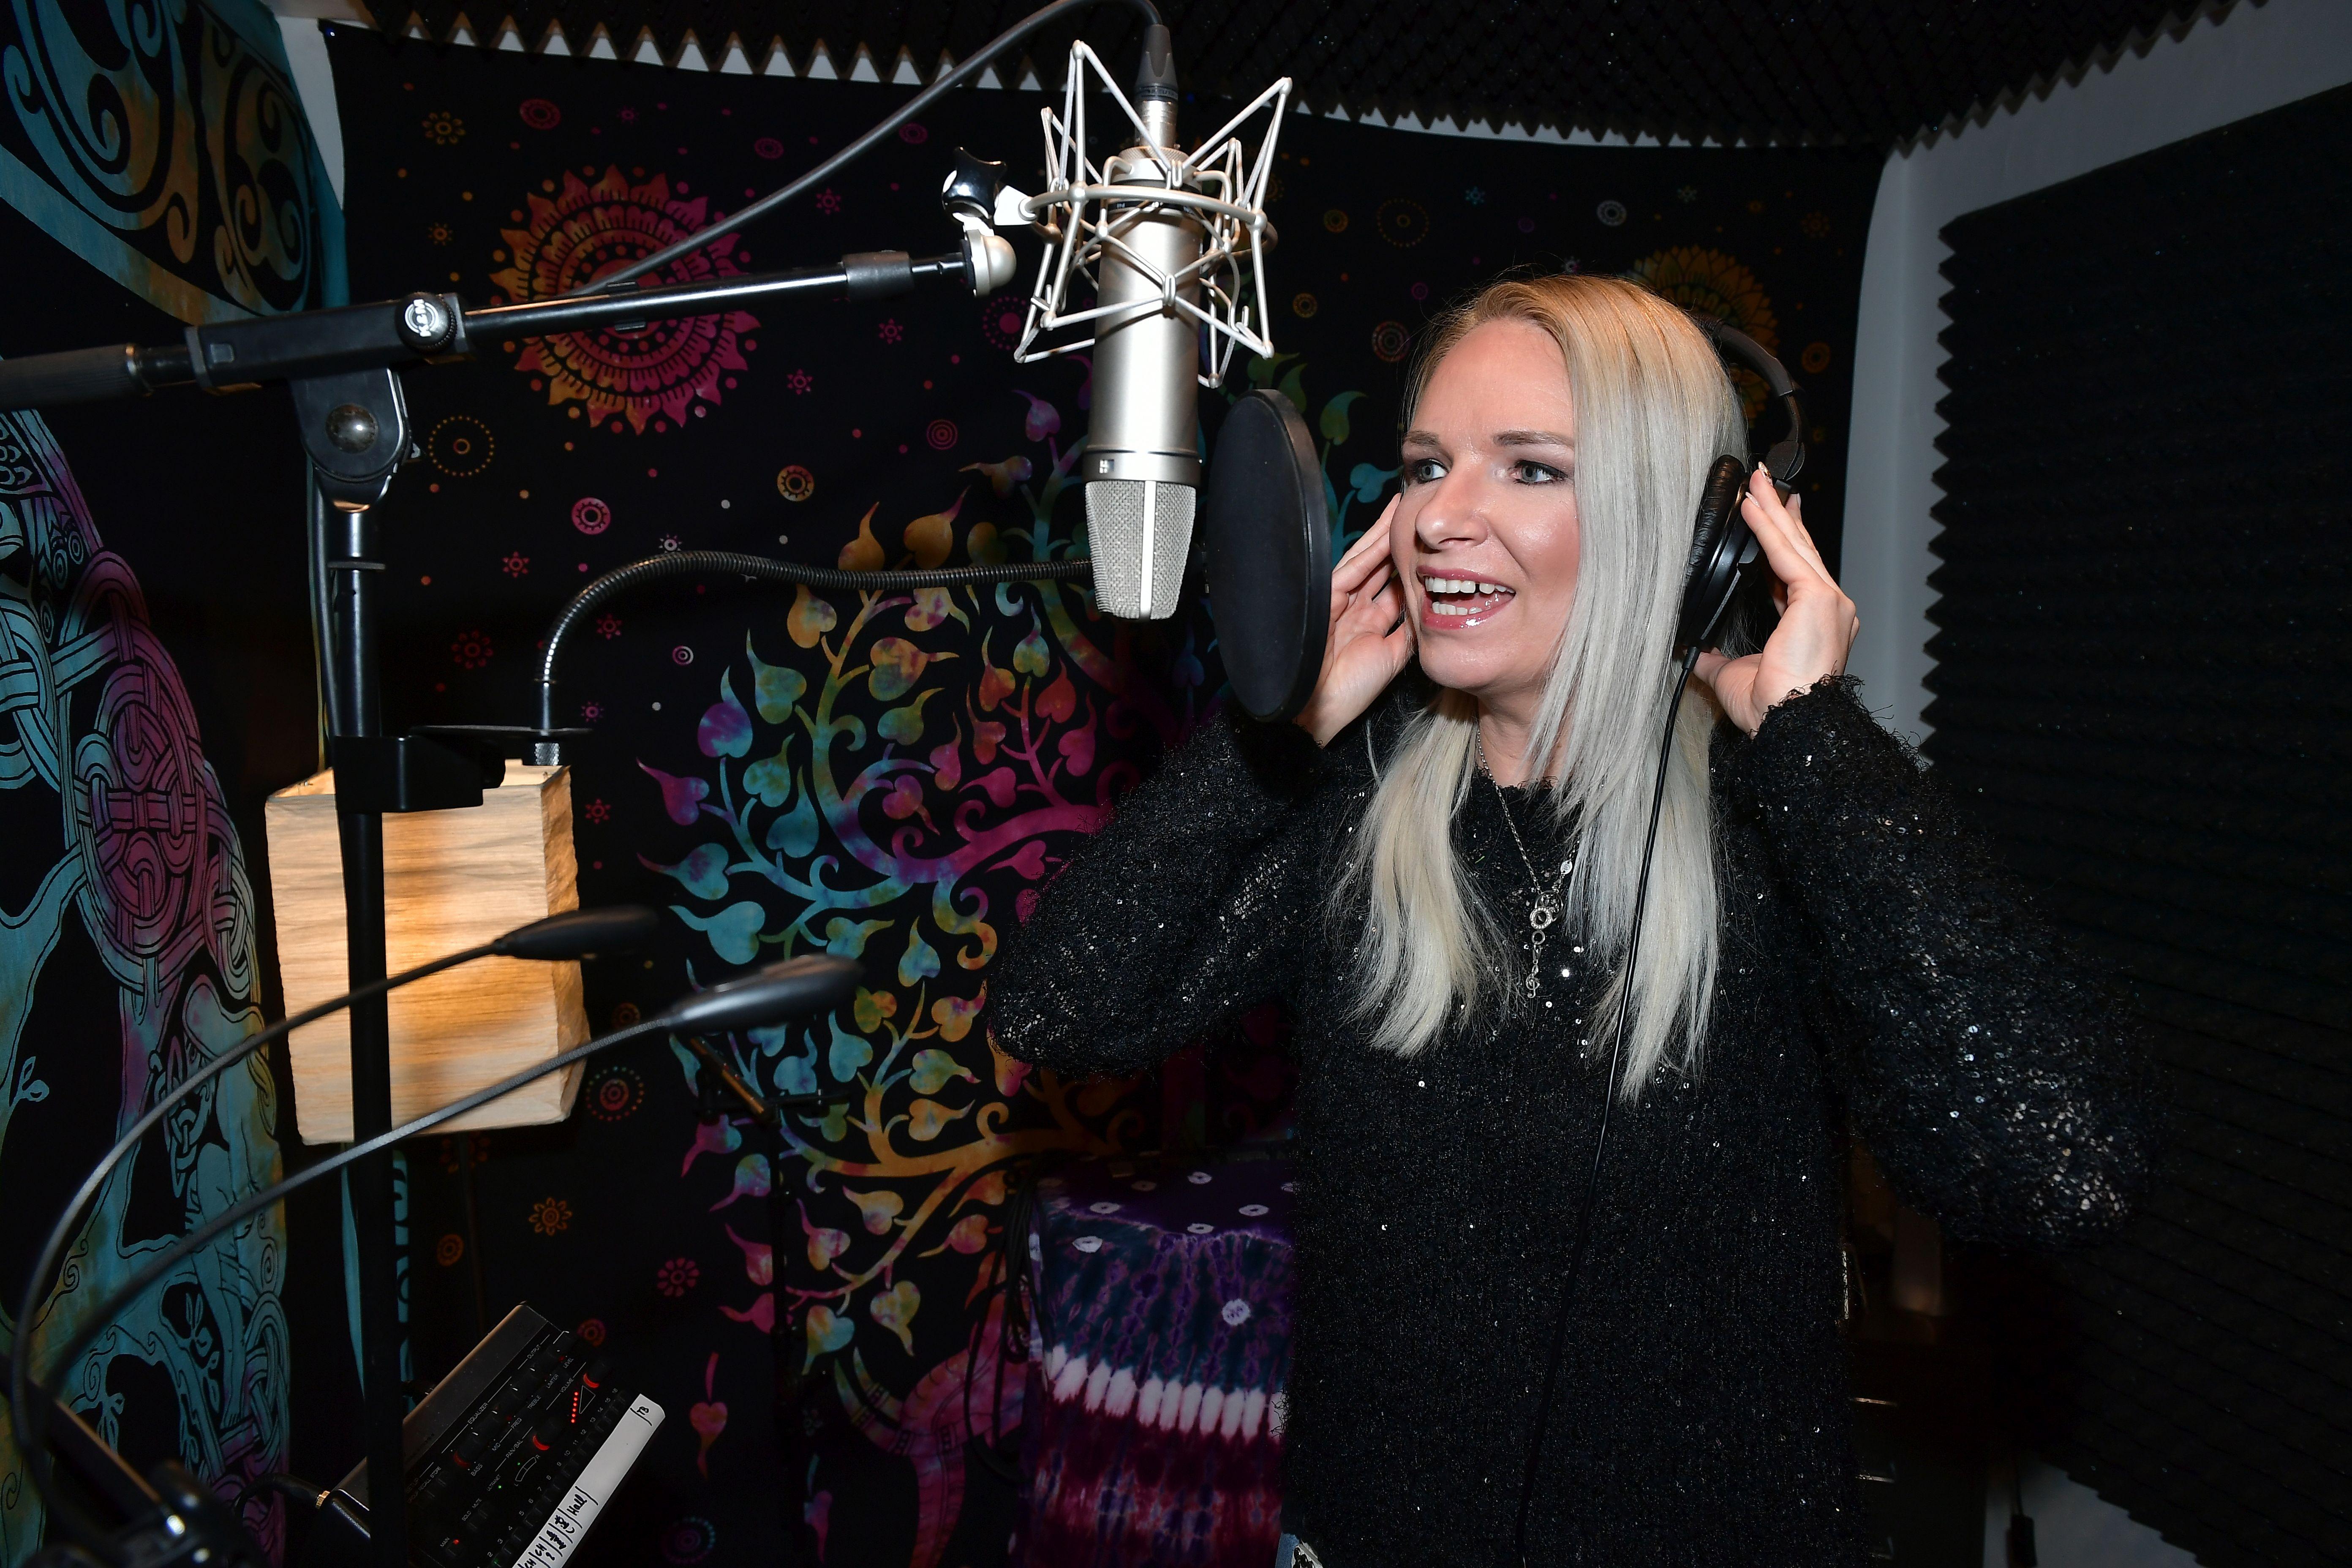 Melanie Junglas im Aufnahmestudio